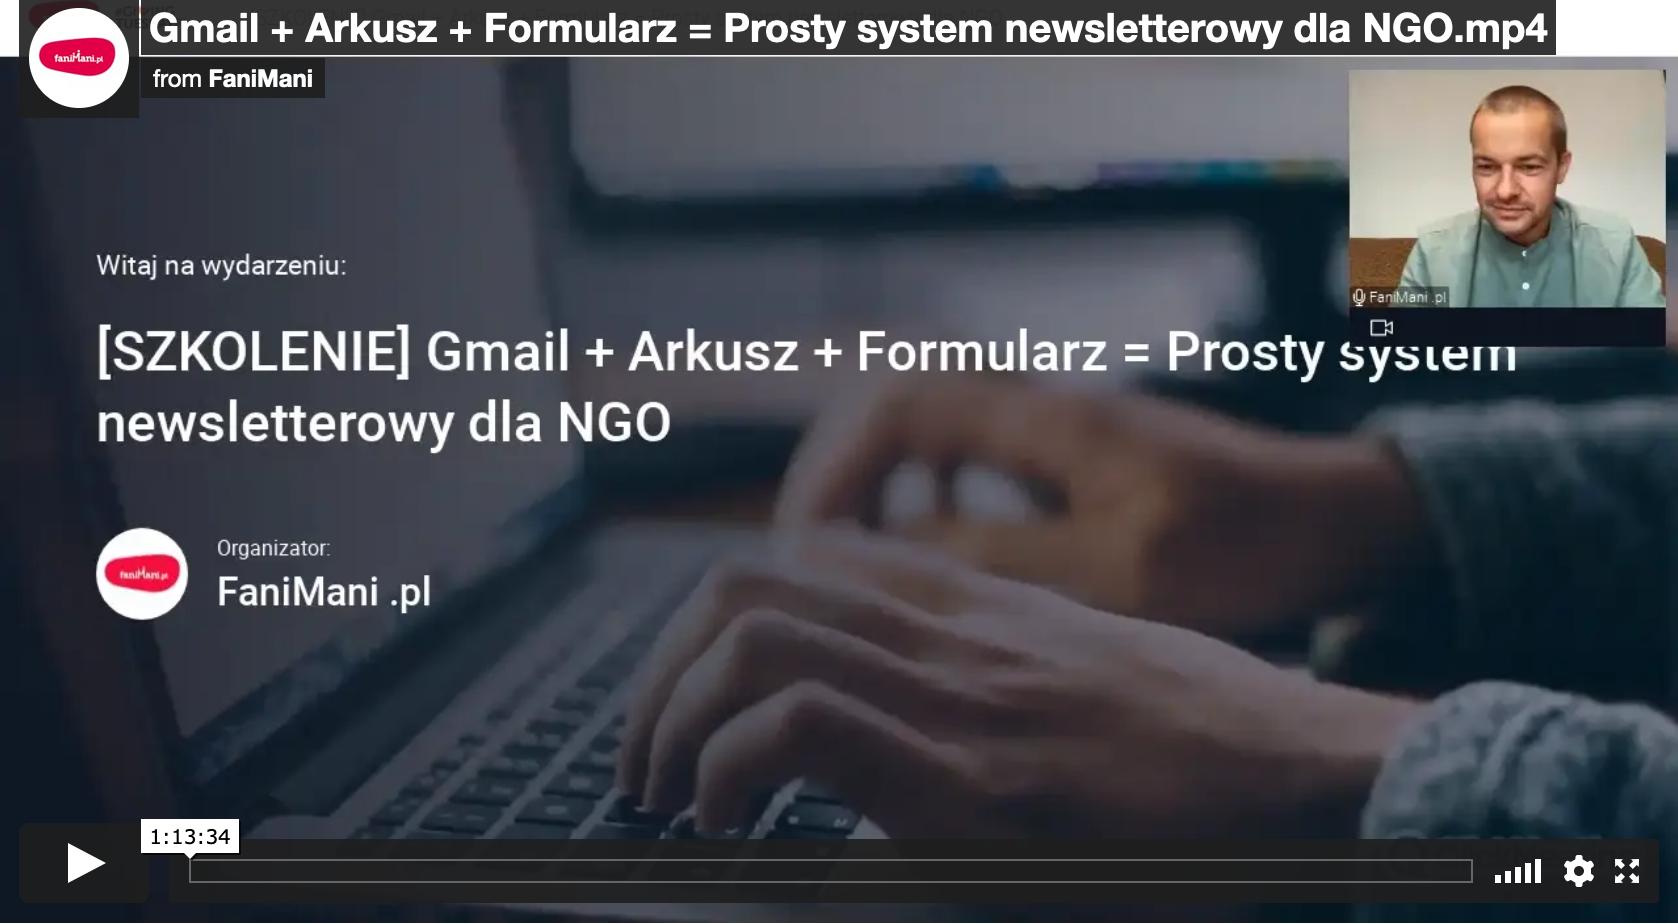 Gmail + Arkusz + Formularz = Prosty system newsletterowy dla NGO